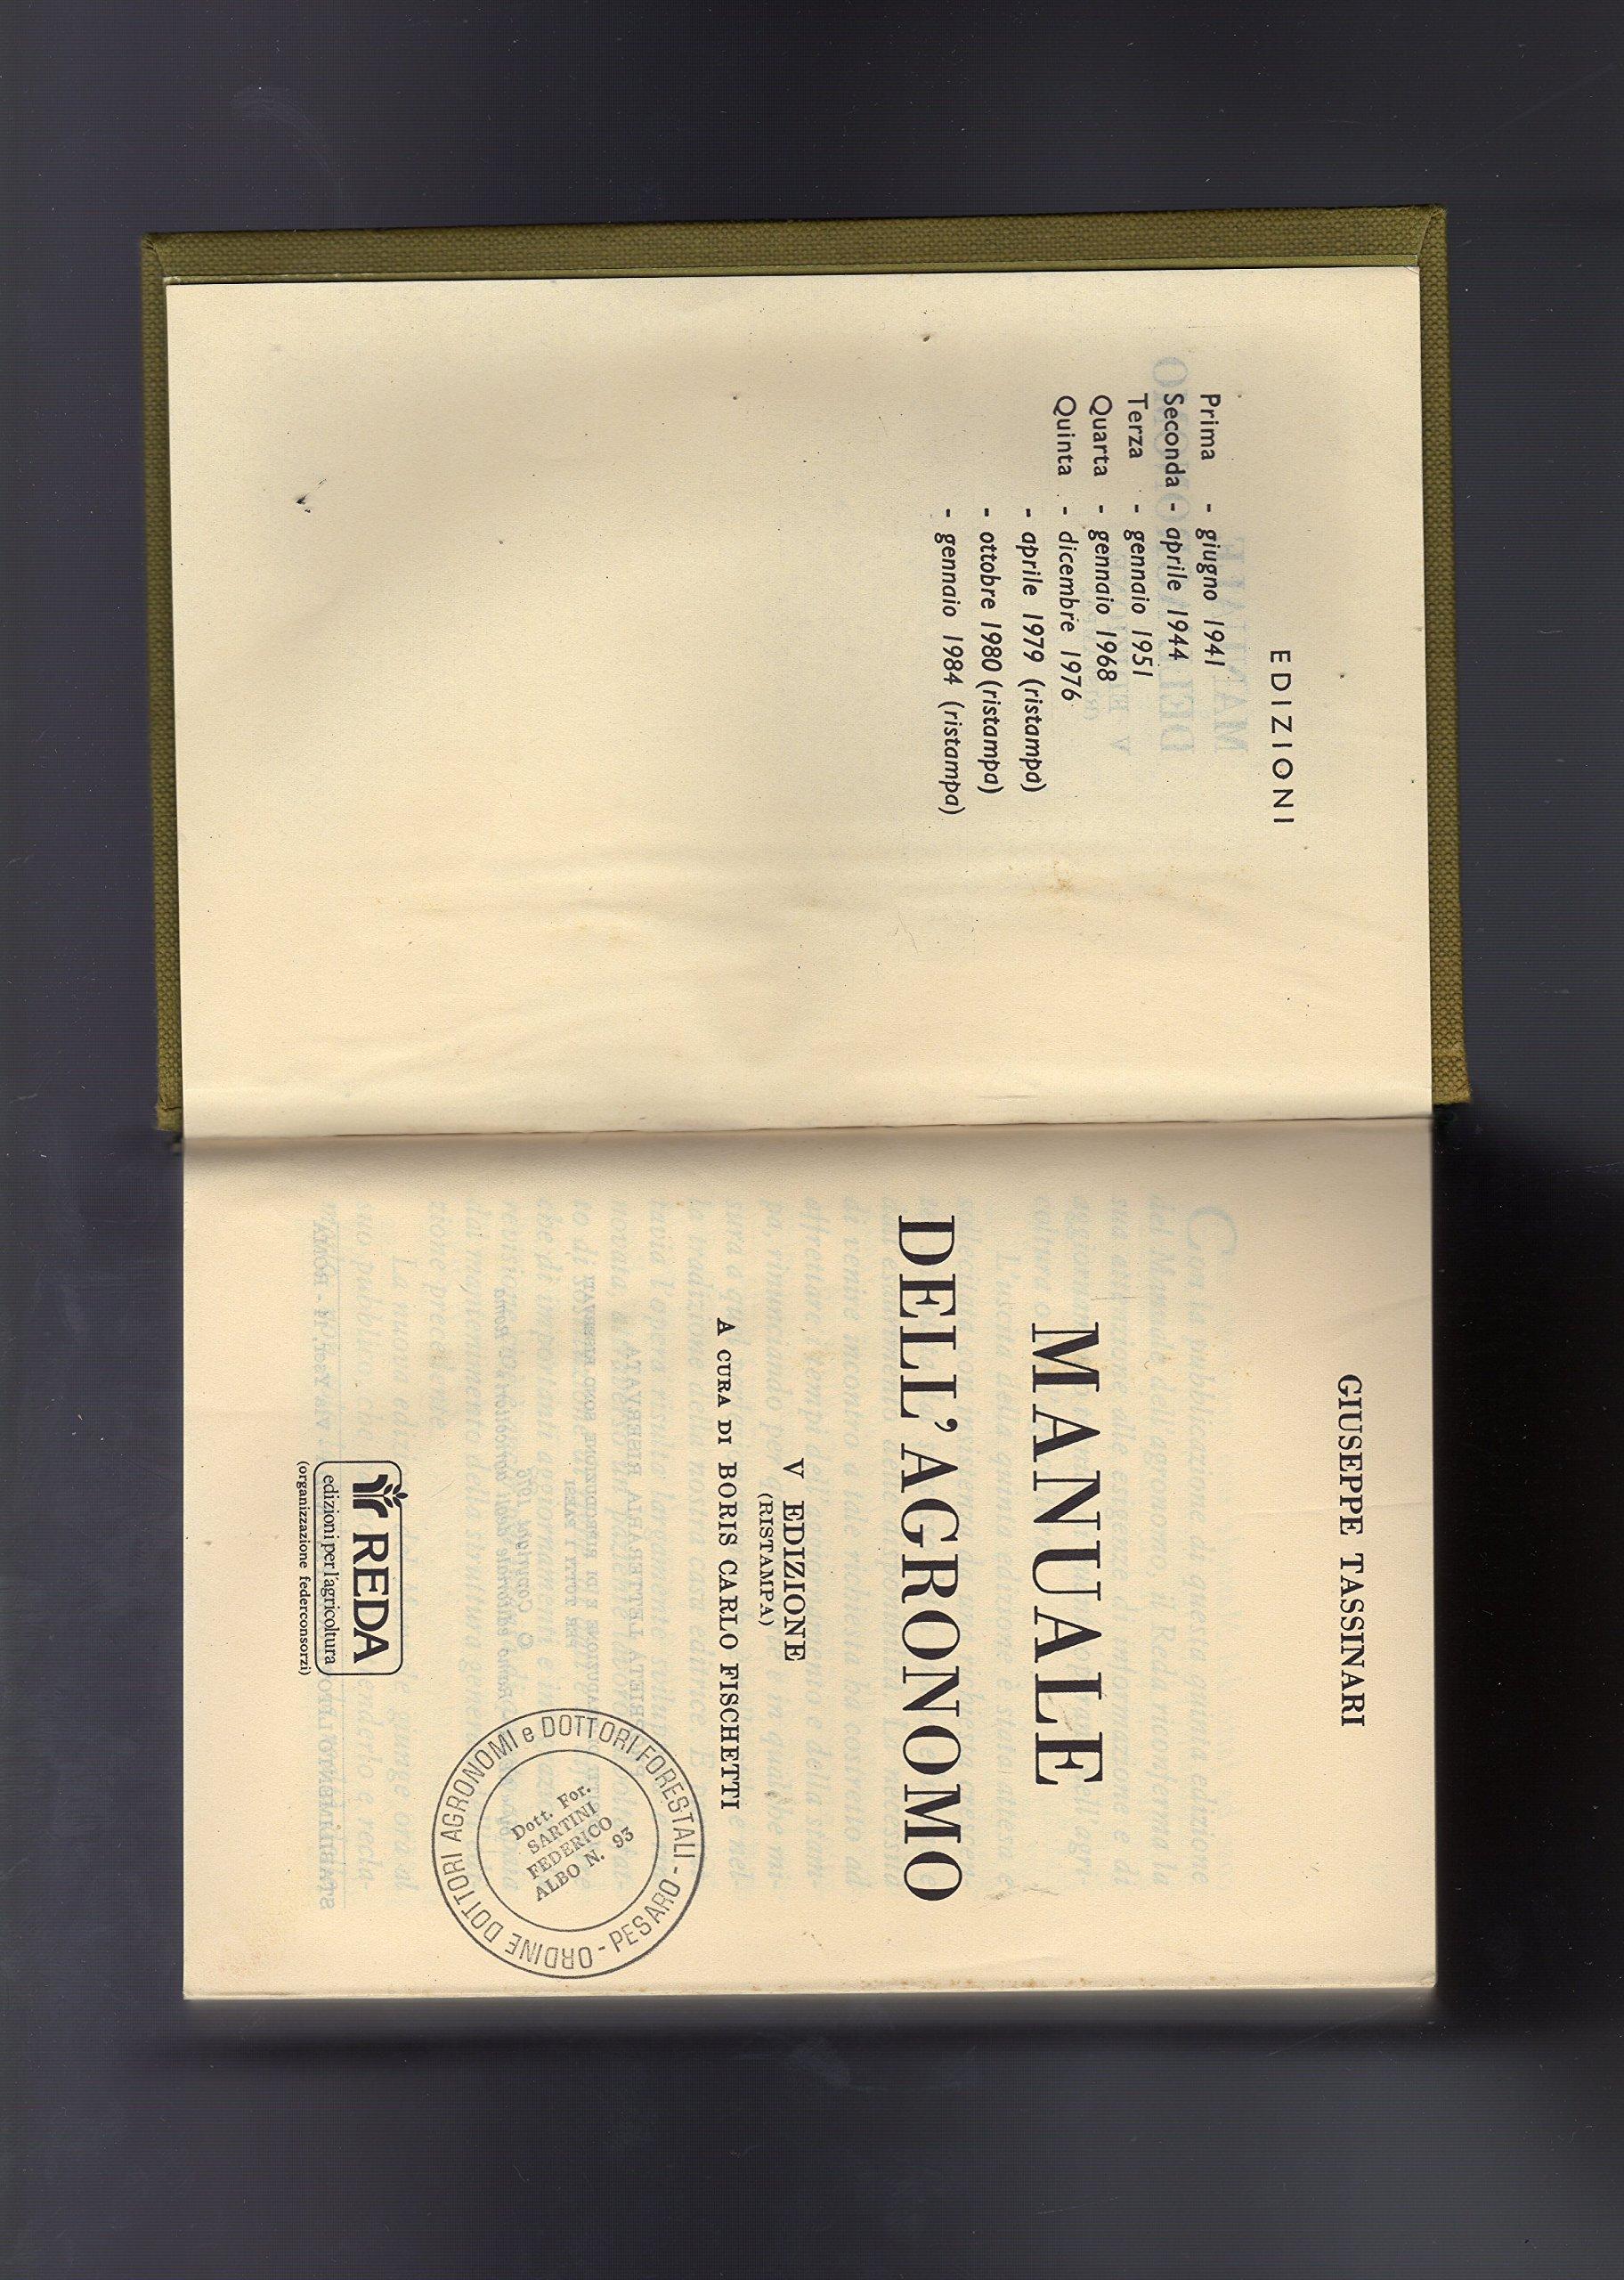 amazon it manuale dell agronomo quinta edizione 1976 tassinari rh amazon it manuale dell'agronomo tassinari pdf manuale dell'agronomo pdf